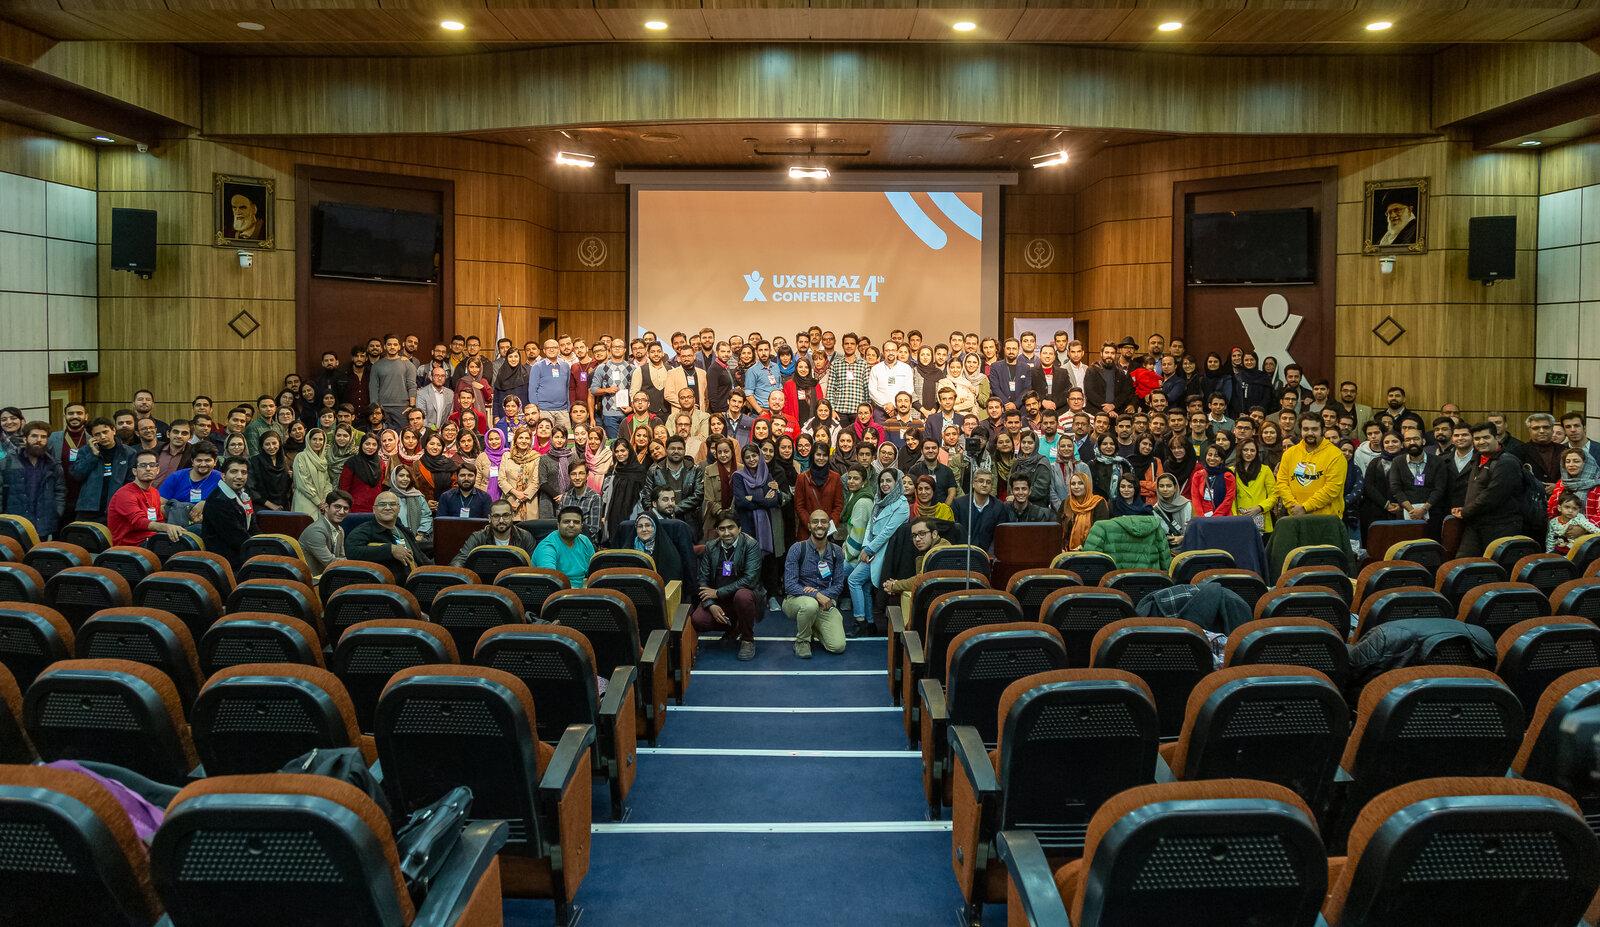 چهارمین کنفرانس تجربه کاربر شیراز